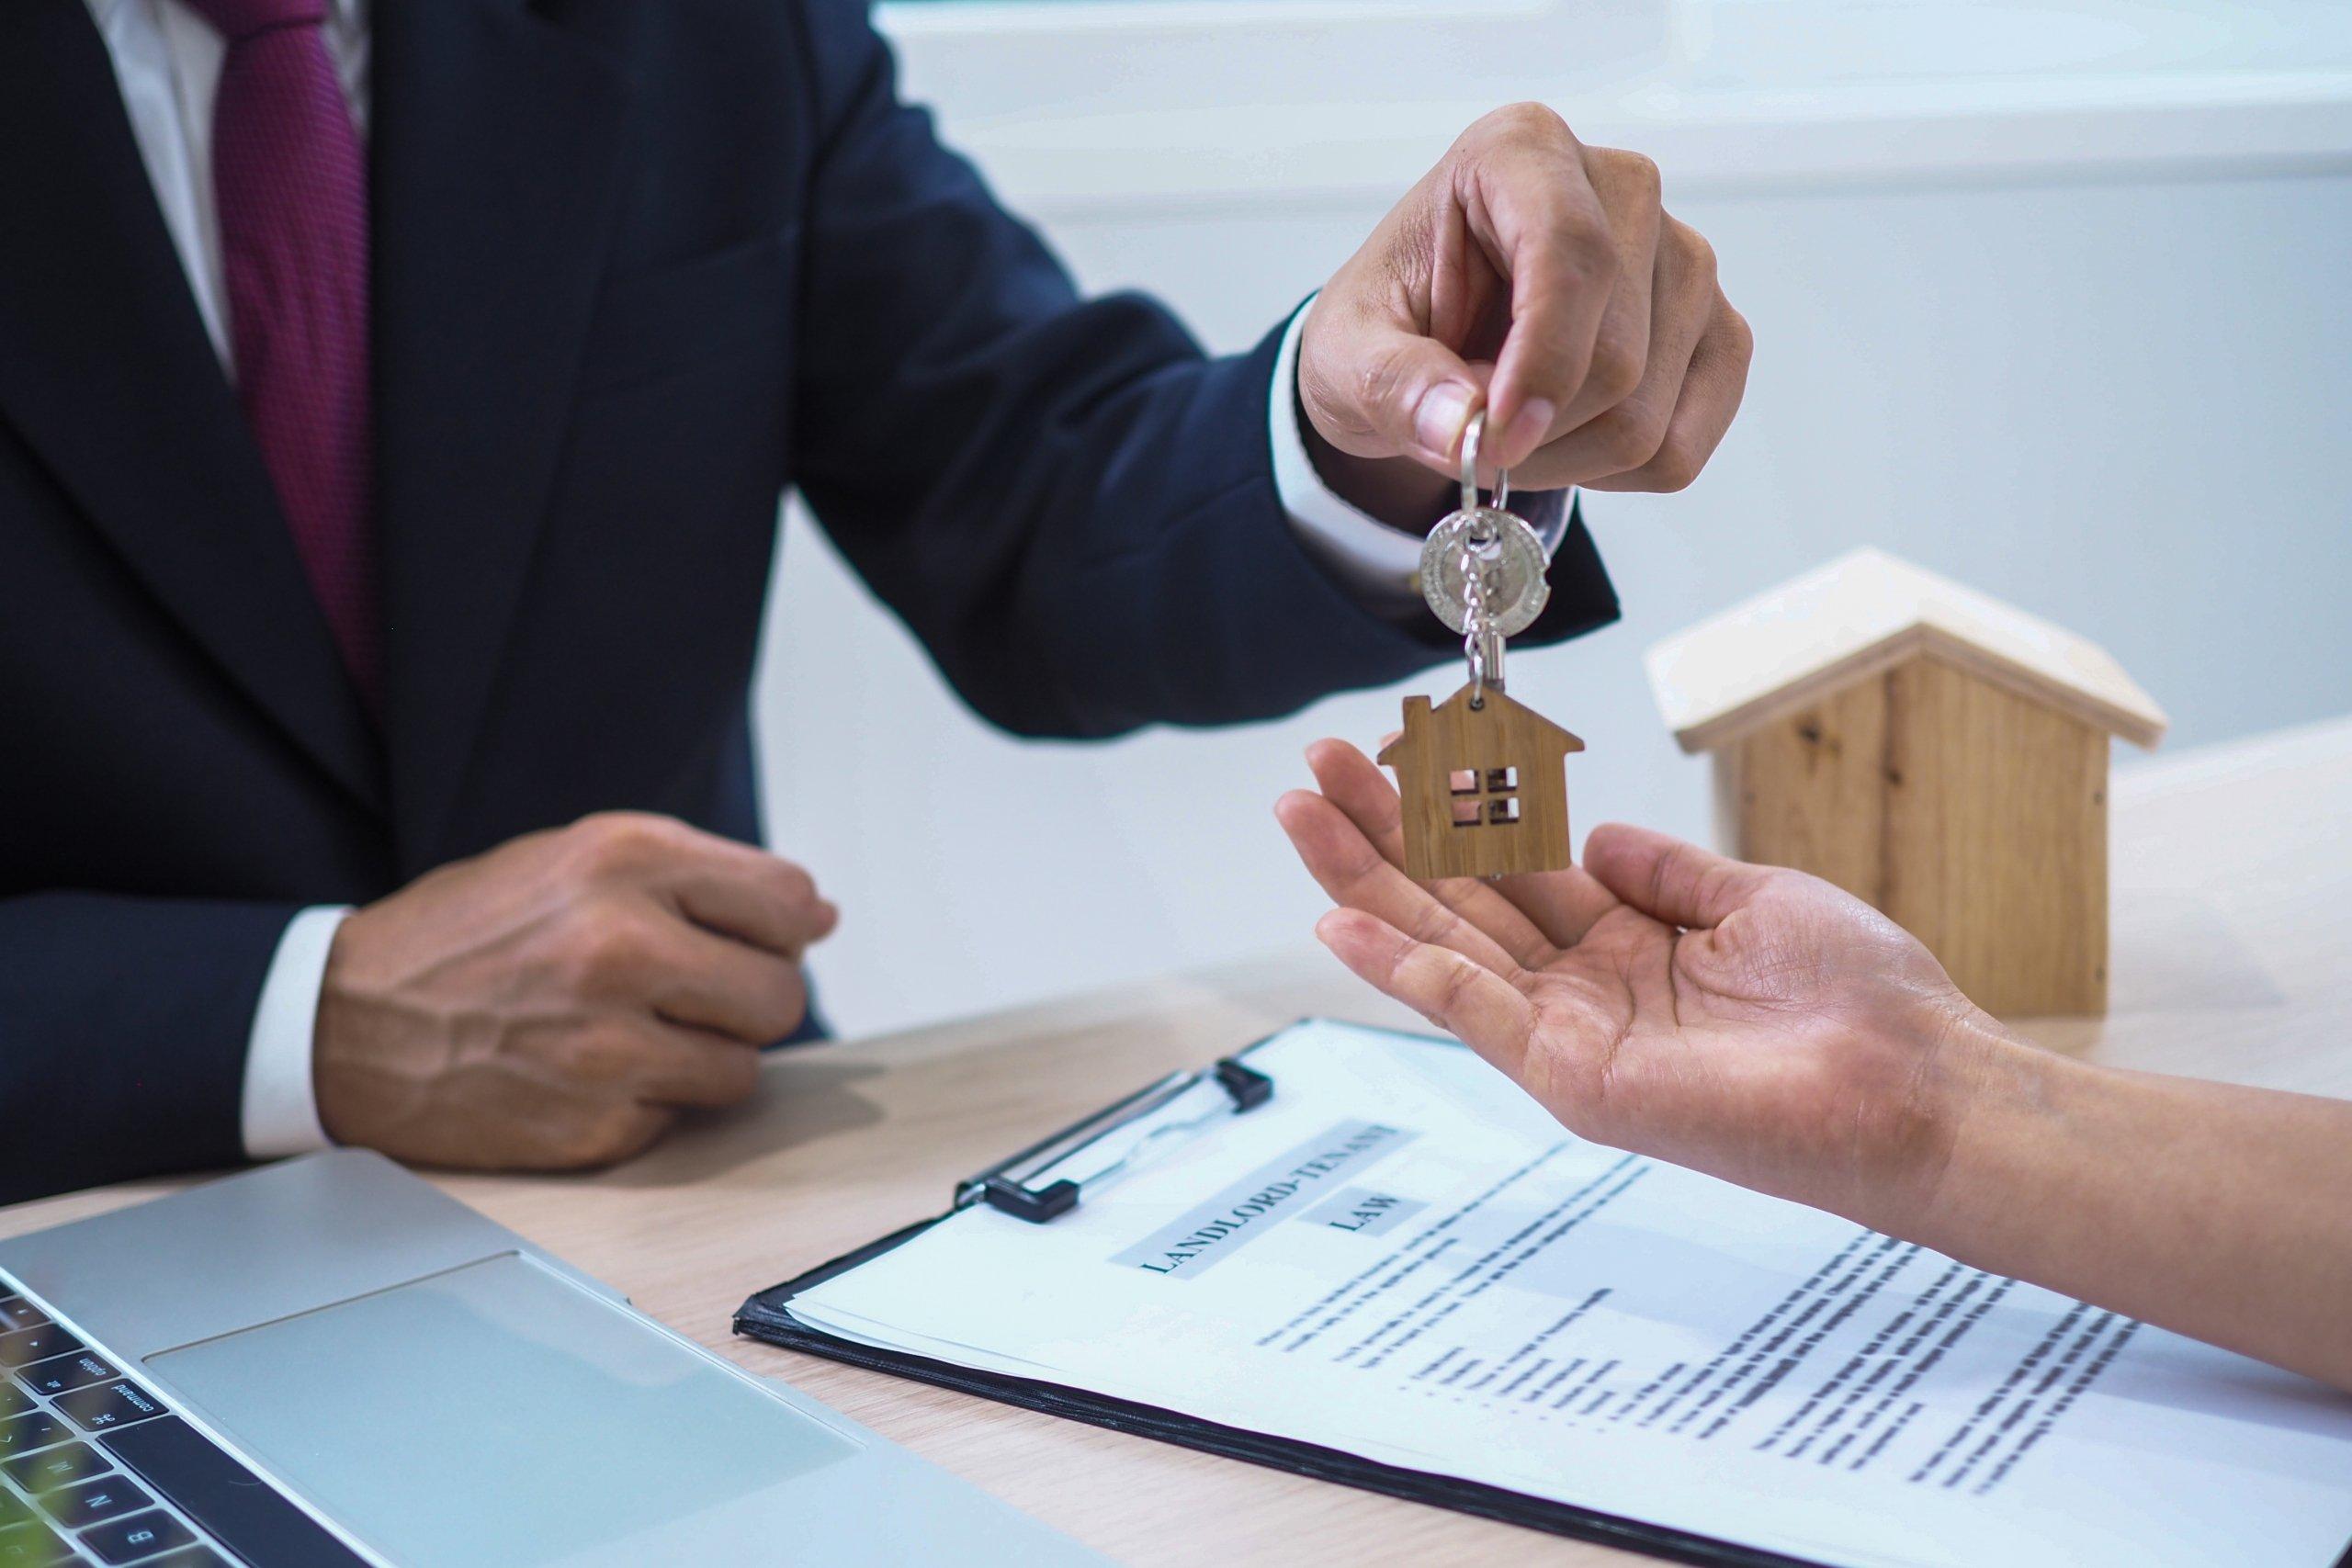 Agente inmobiliario haciendo entrega de las llaves de un inmueble a una persona